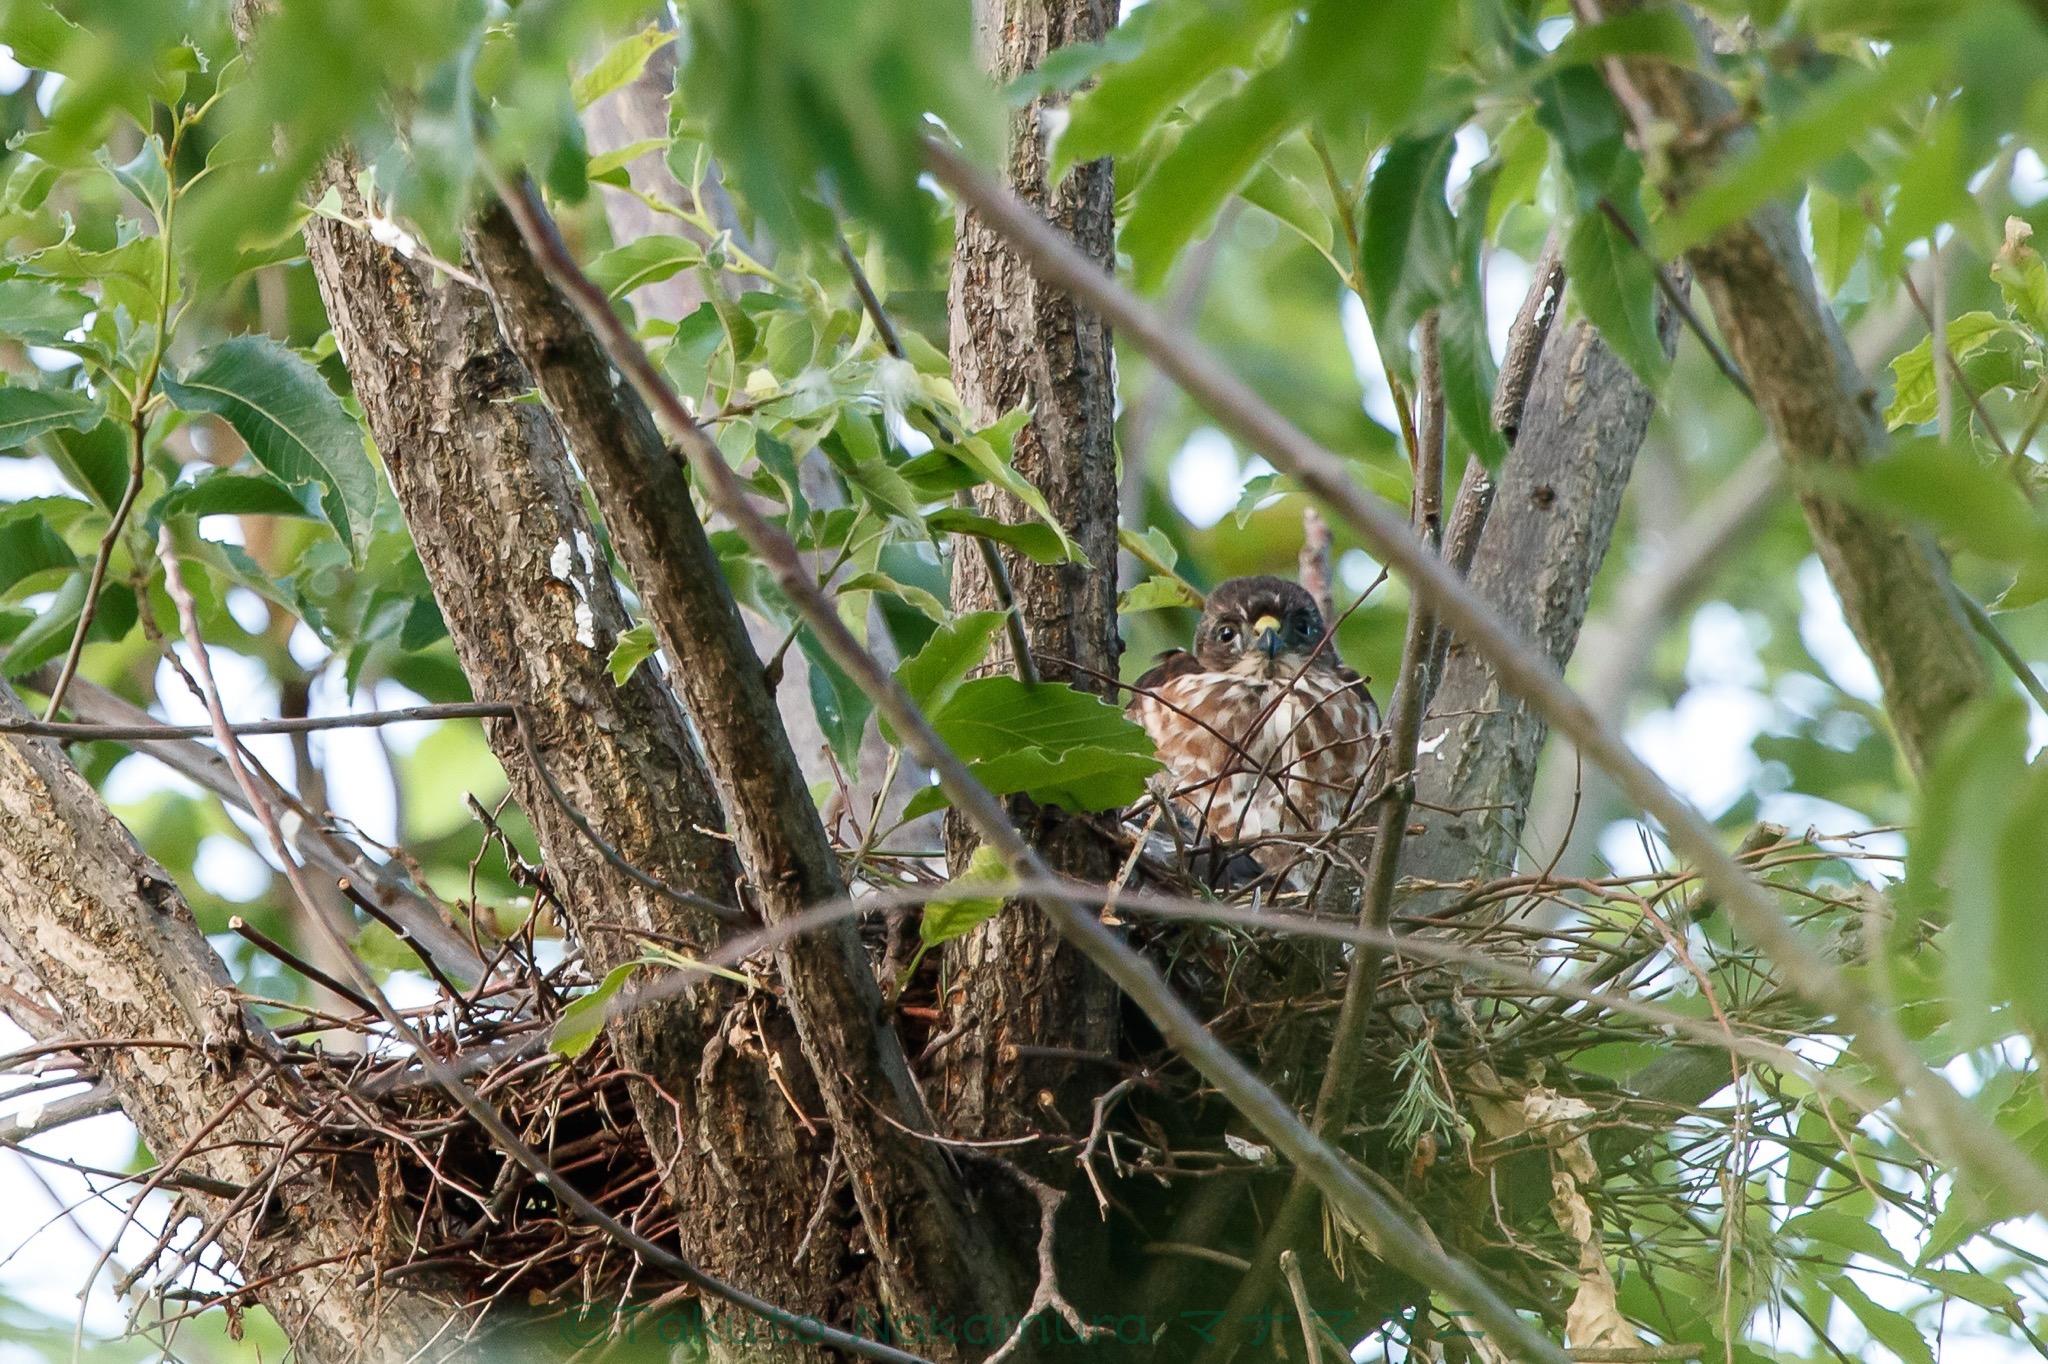 2羽、巣にもどっていた。疲れ切ったように見える。 ※クリックすると関連Blog記事が表示されます。2020年6月足立区